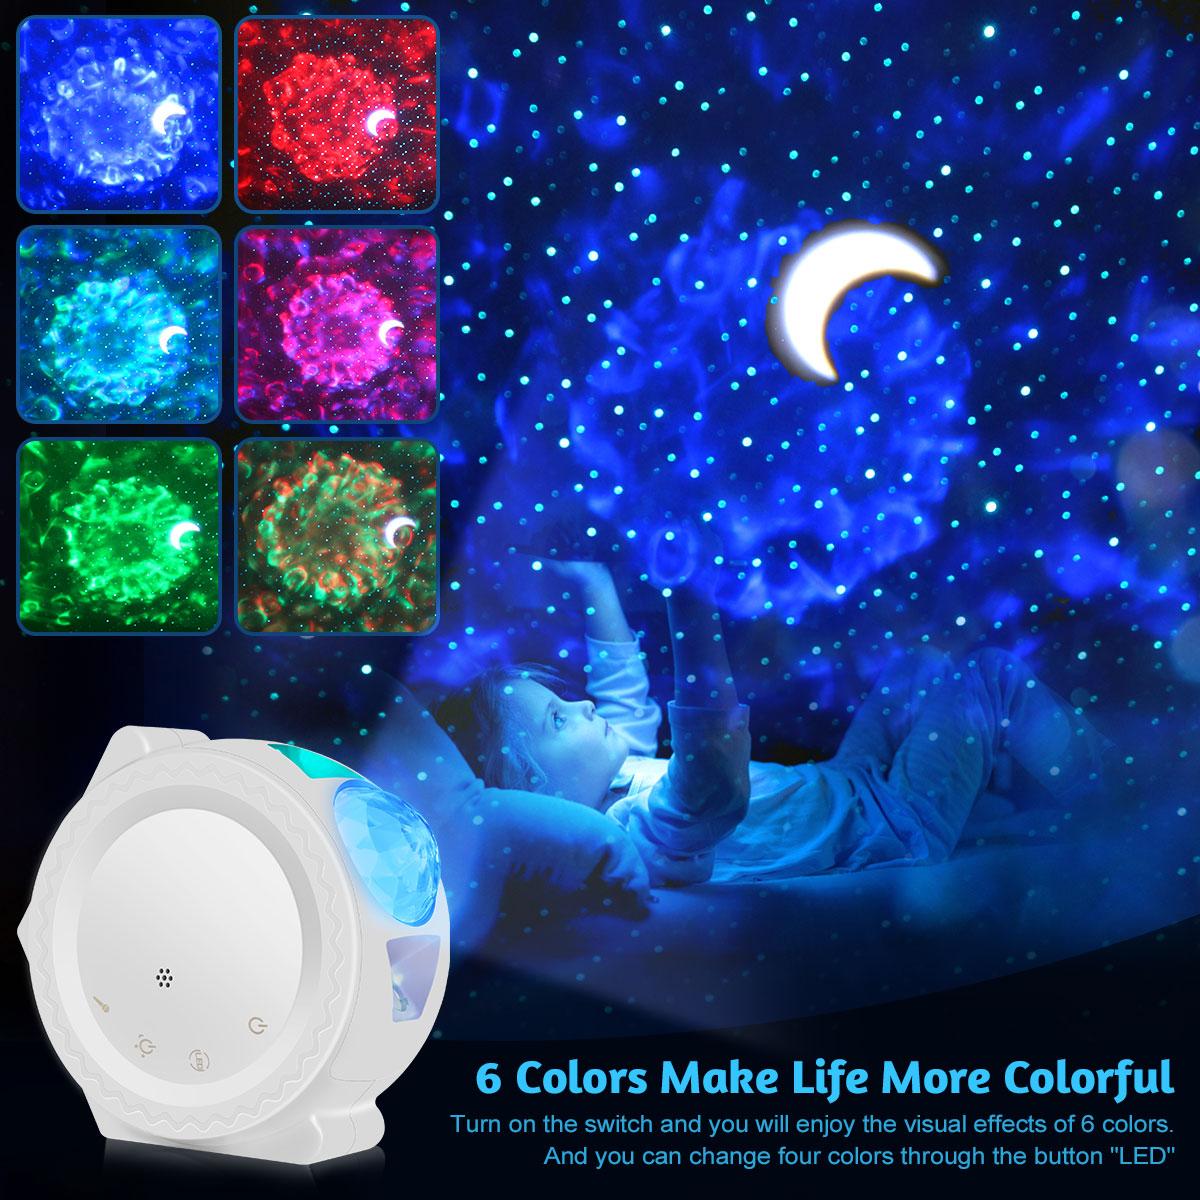 Звездное небо Проектор светодиодный туманный облачный Ночной светильник 6 цветов океан развевающийся светильник вращение на 360 градусов ночной Светильник ing лампа